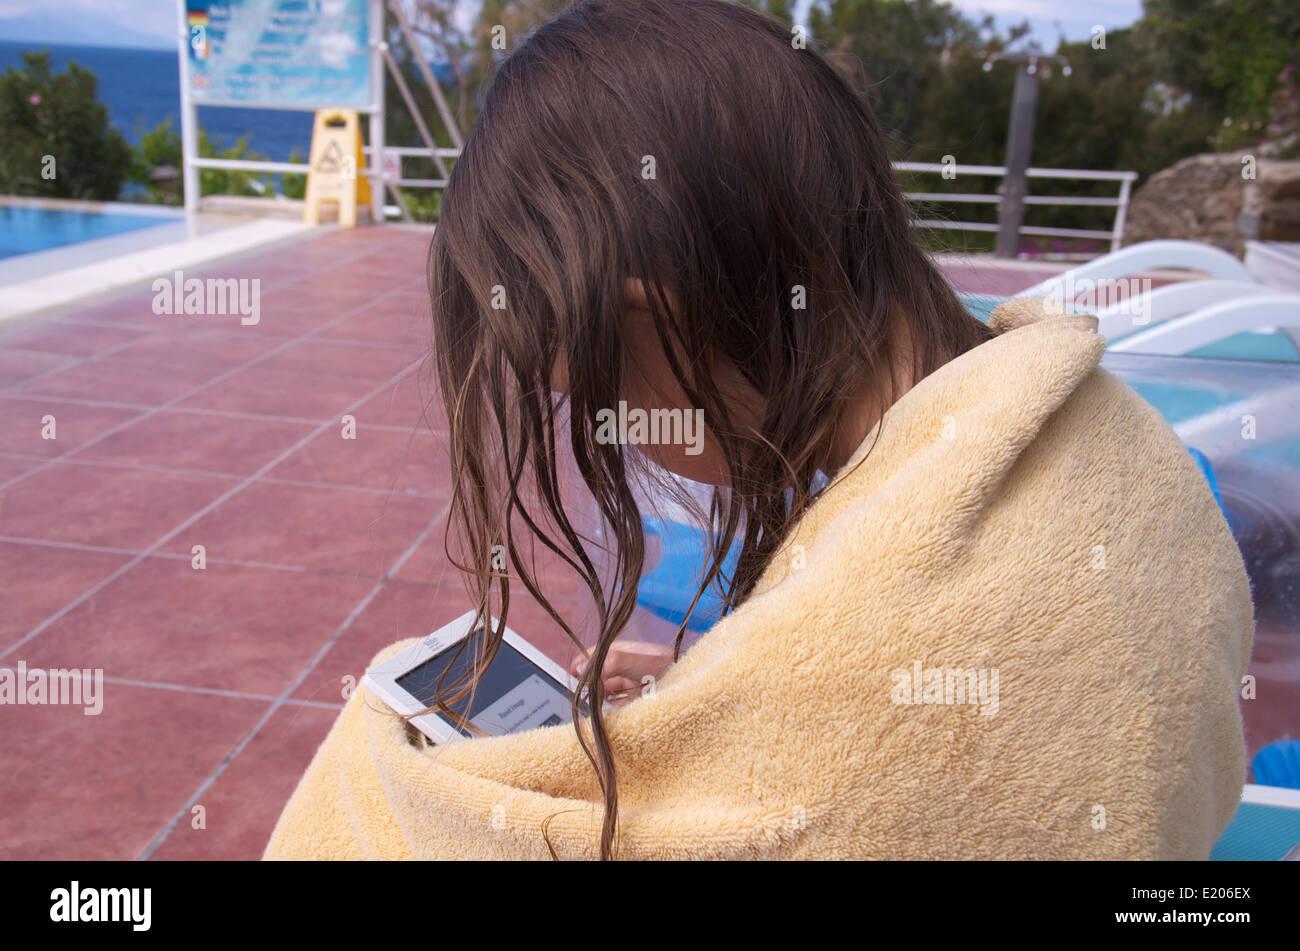 Fille à l'aide d'un e-reader en vacances en Turquie. Photo Stock